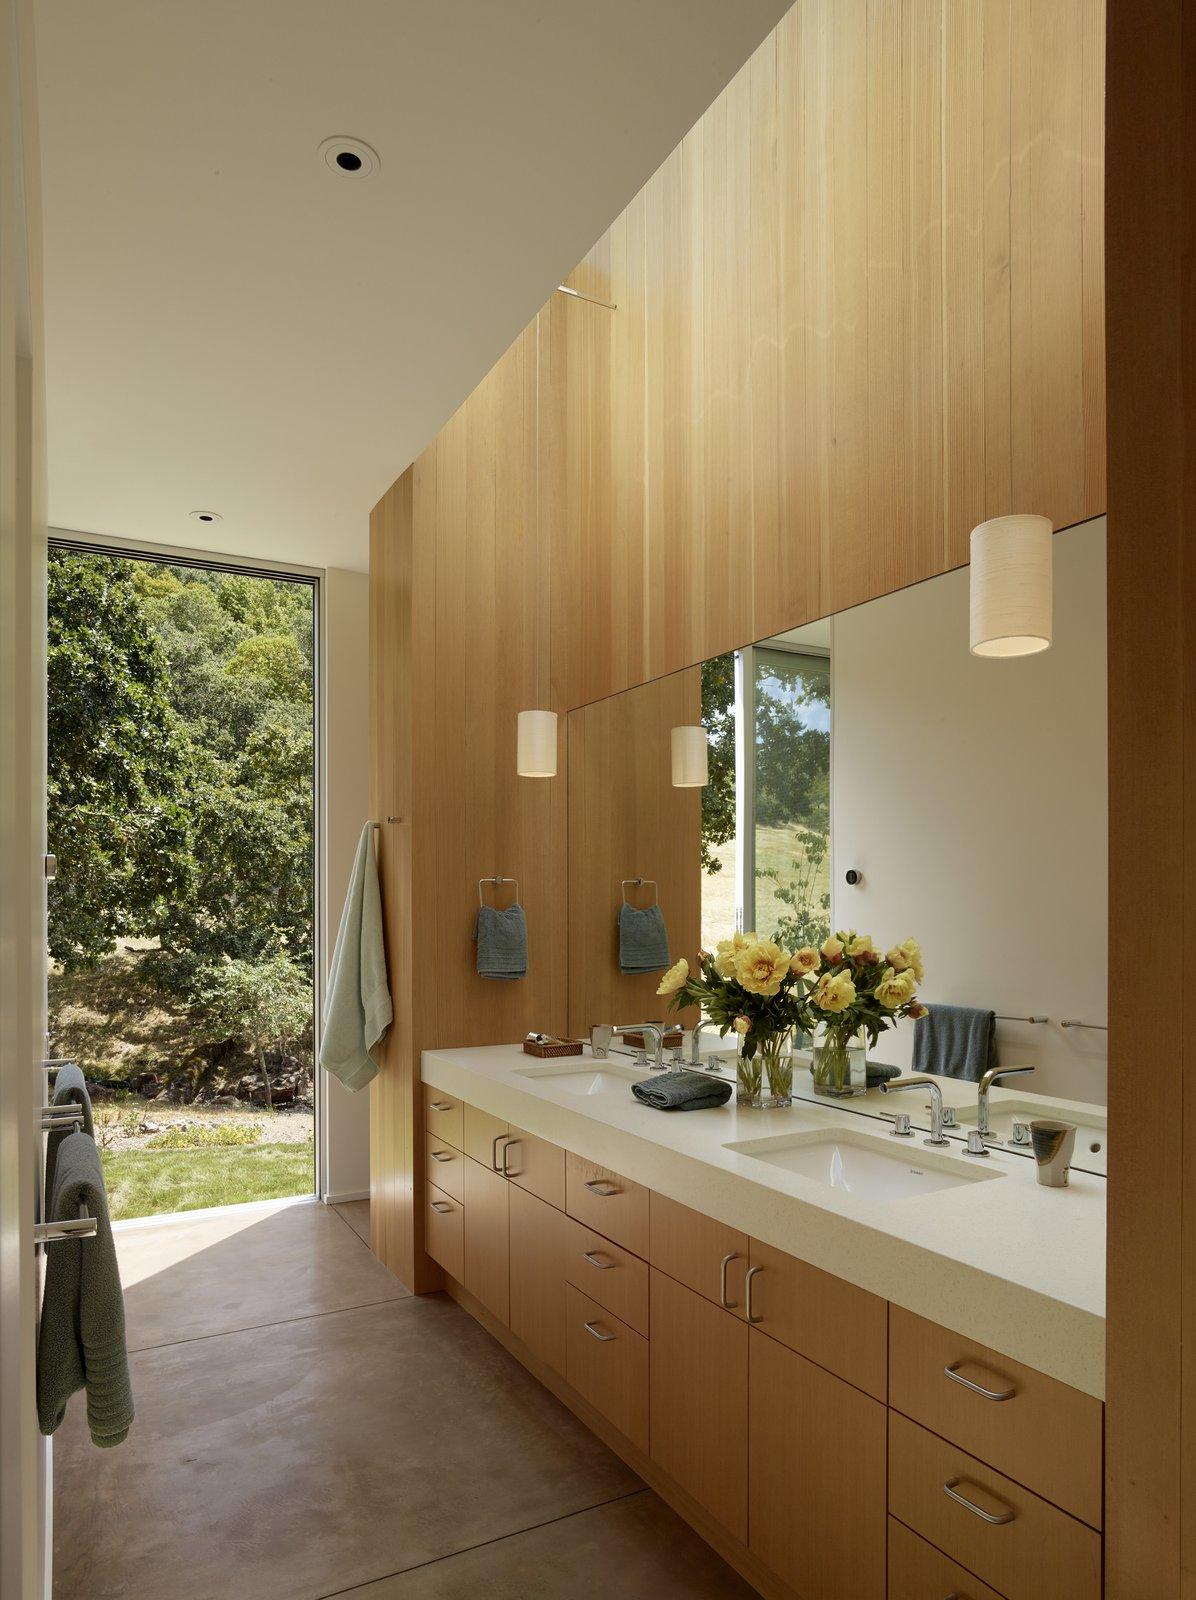 #TurnbullGriffinHaesloop #interior #bathroom #window  Sonoma Residence by Turnbull Griffin Haesloop Architects